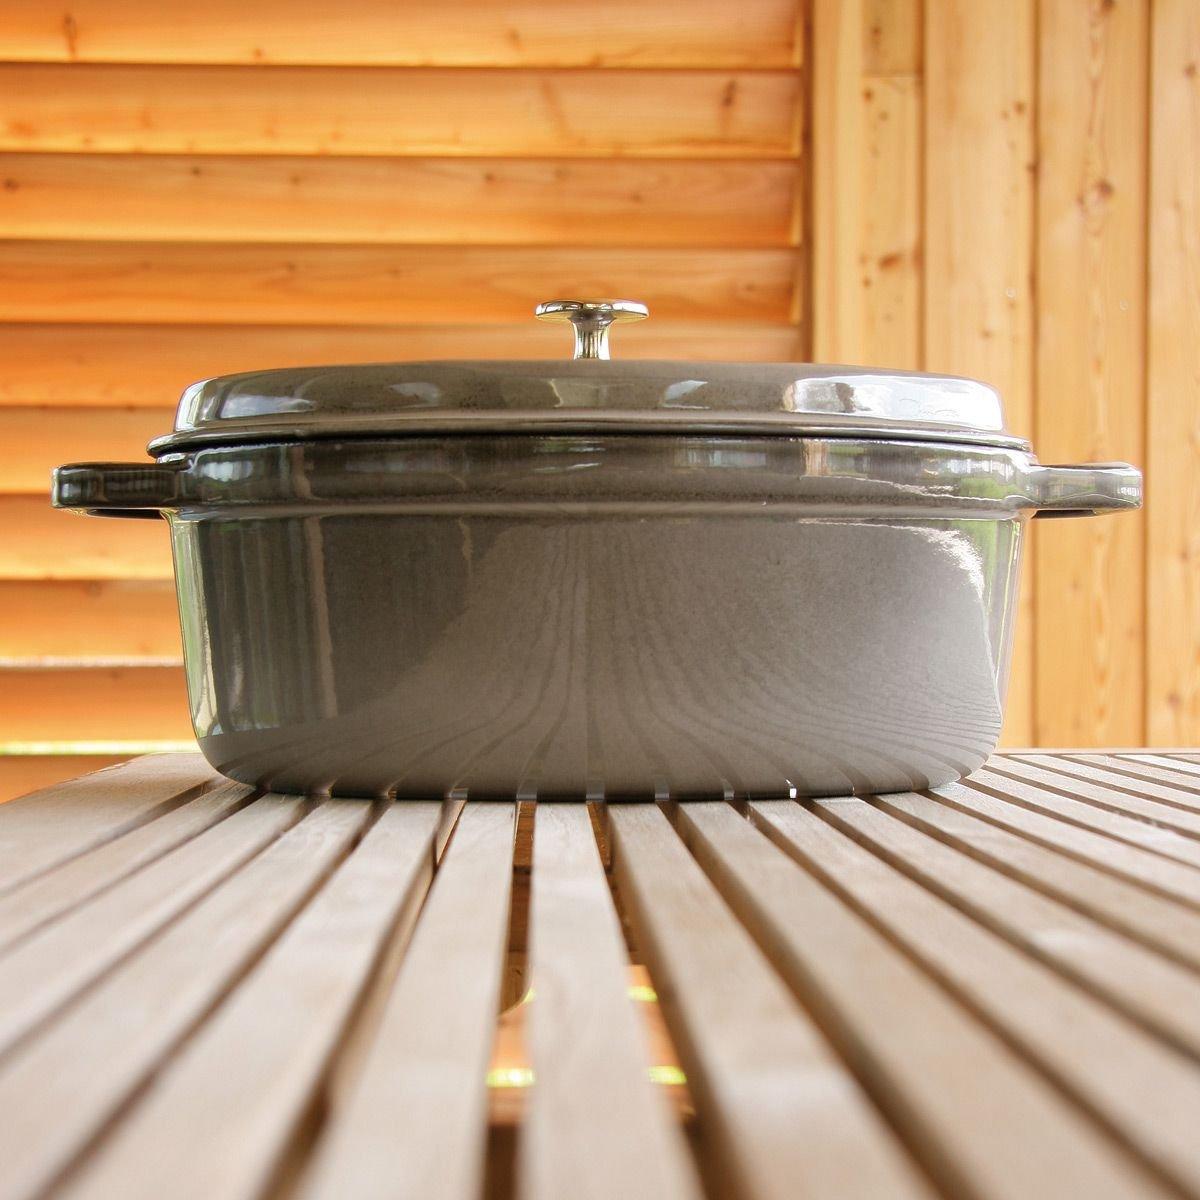 cocotte delamaison promo cocotte fonte ovale staub prix 212 00 euros ventes pas. Black Bedroom Furniture Sets. Home Design Ideas